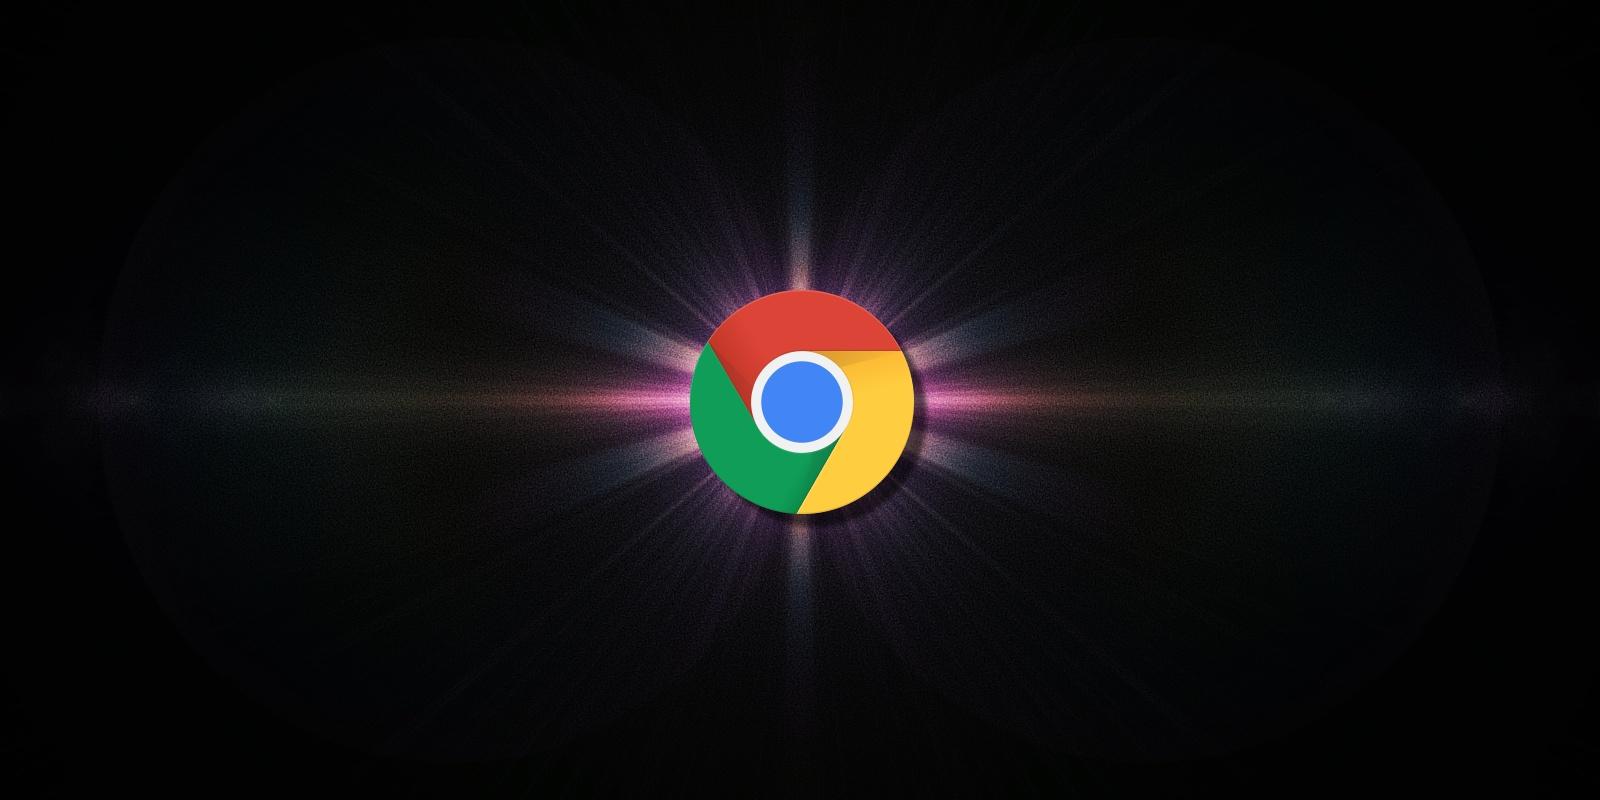 Google prueba si el agente de usuario de Chrome / 100.0 rompe sitios web